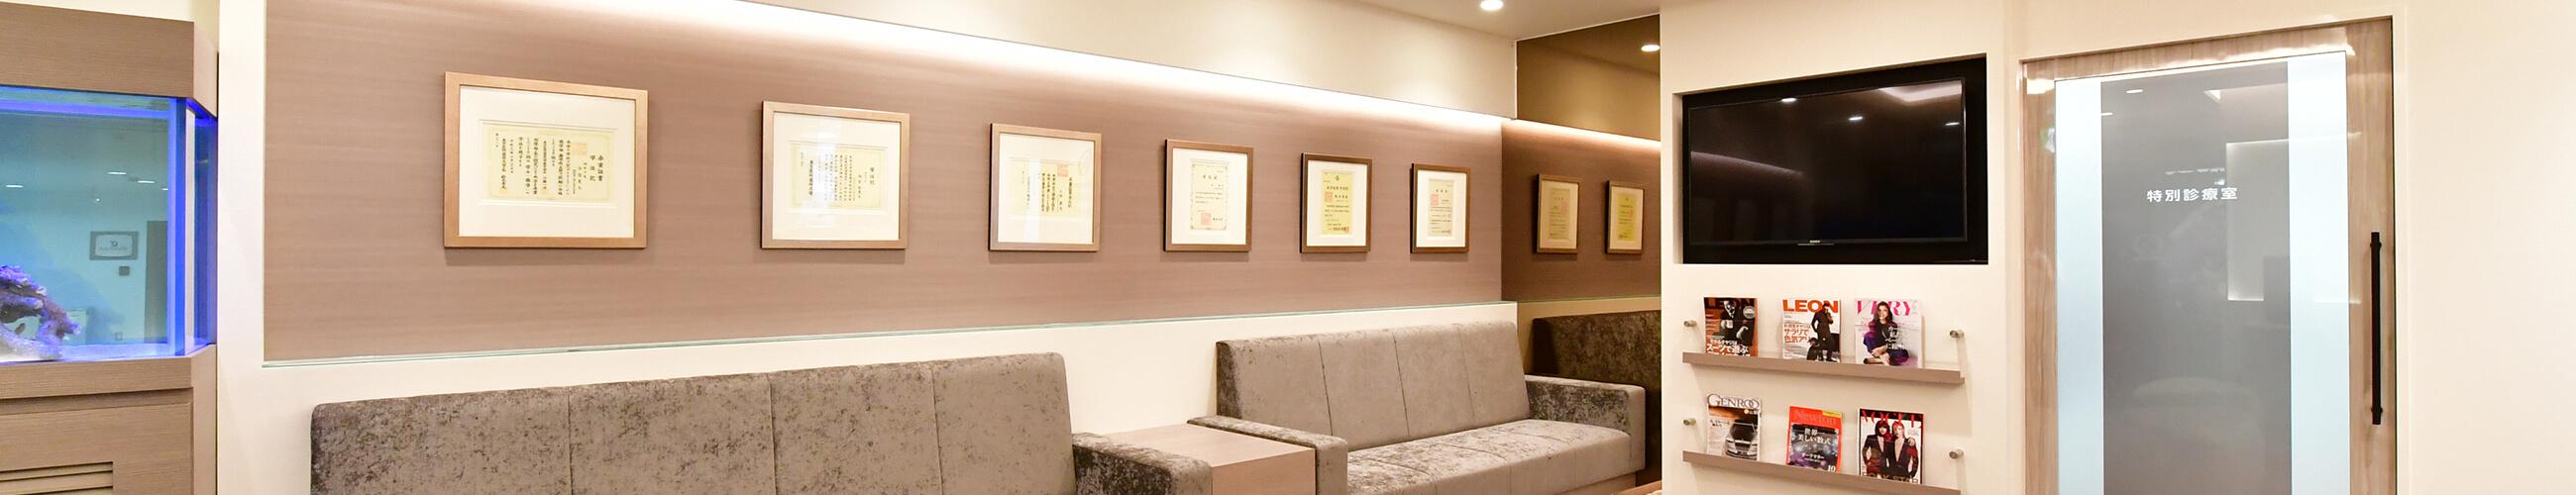 今宮歯科医院の院内研修 – レジンコア完全移行計画 –